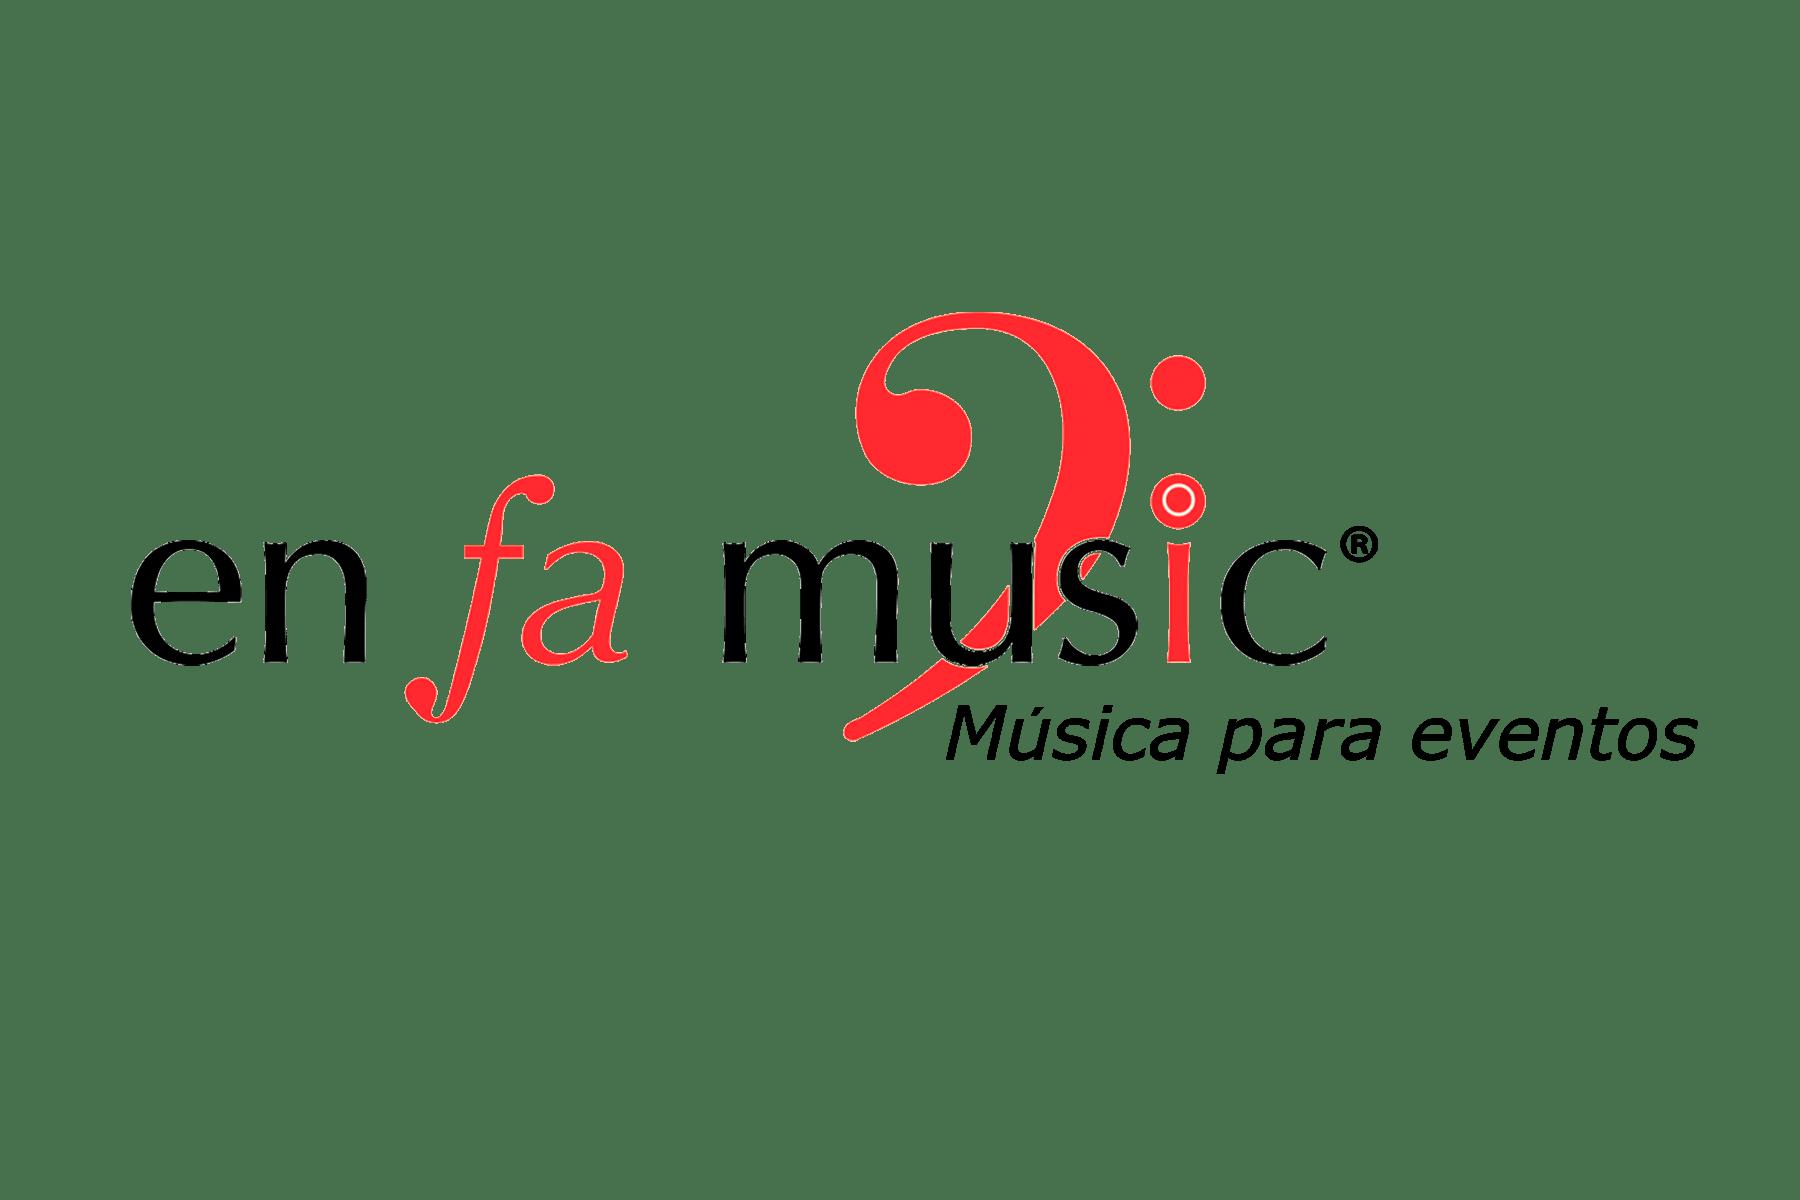 Enfamusic